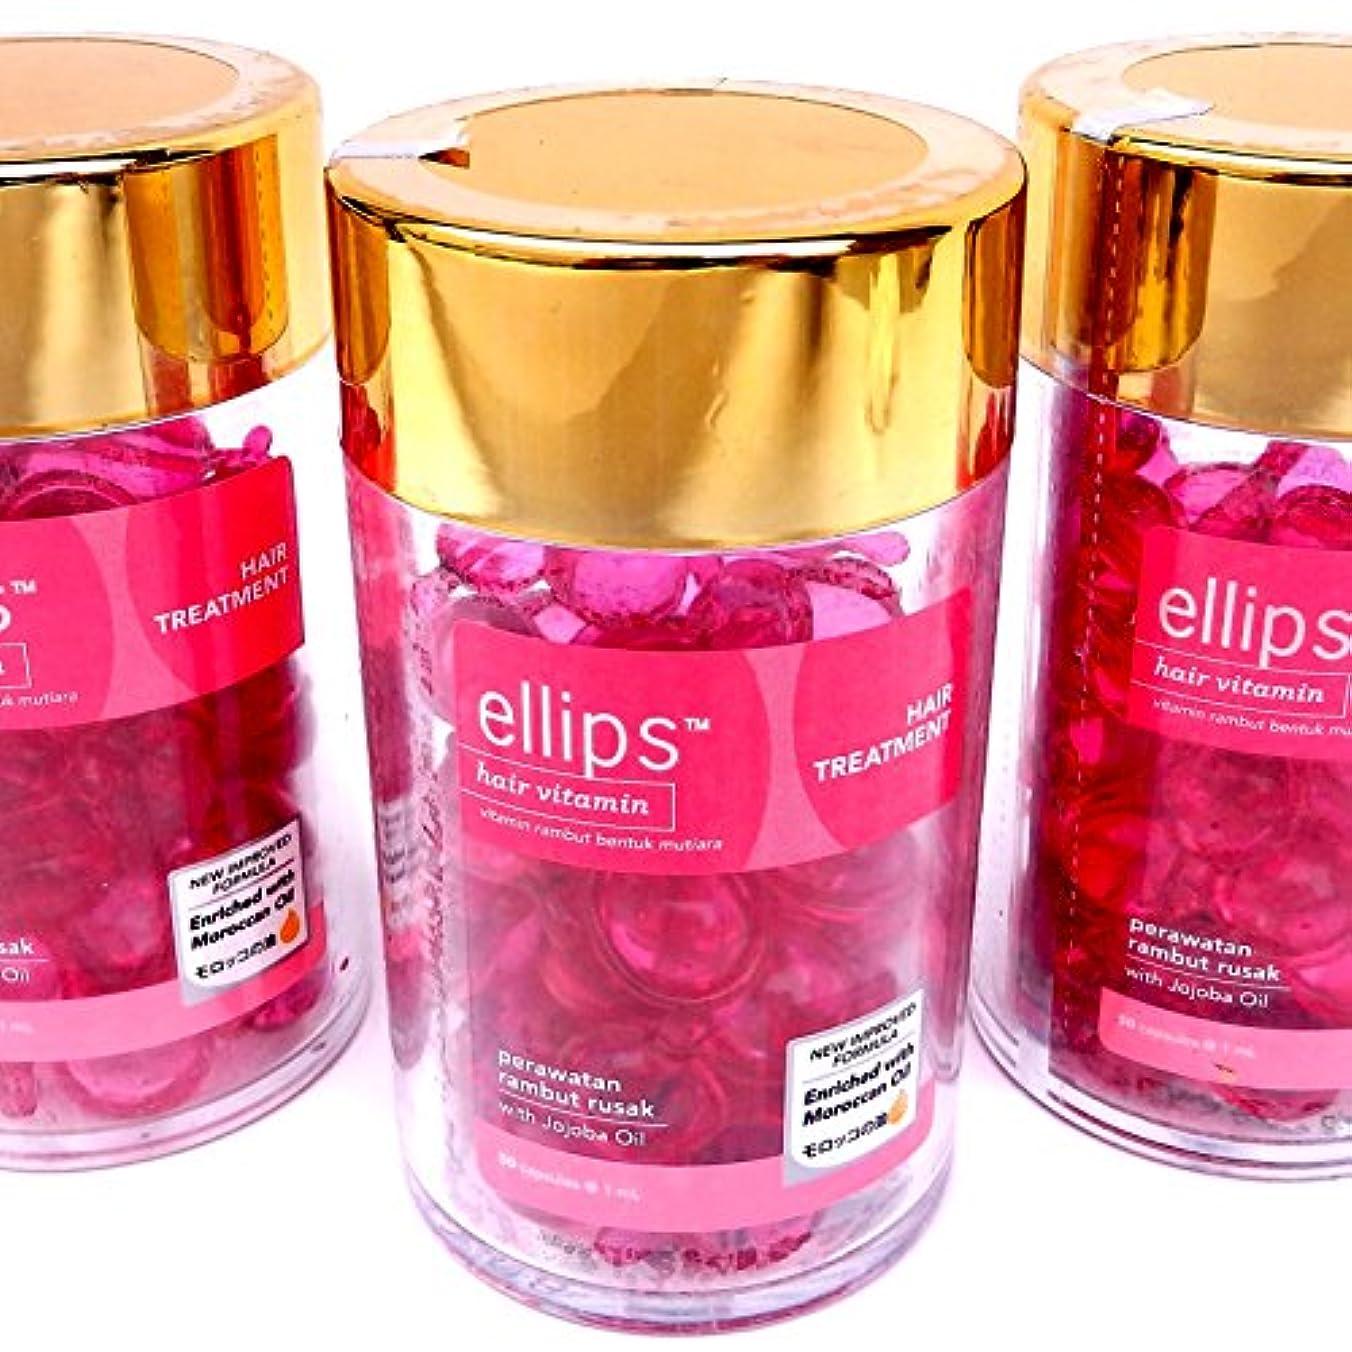 謎めいたなかなか知恵エリプス(Ellips) ヘアビタミン ピンク ボトル(50粒入)× 3 個セット[並行輸入品]